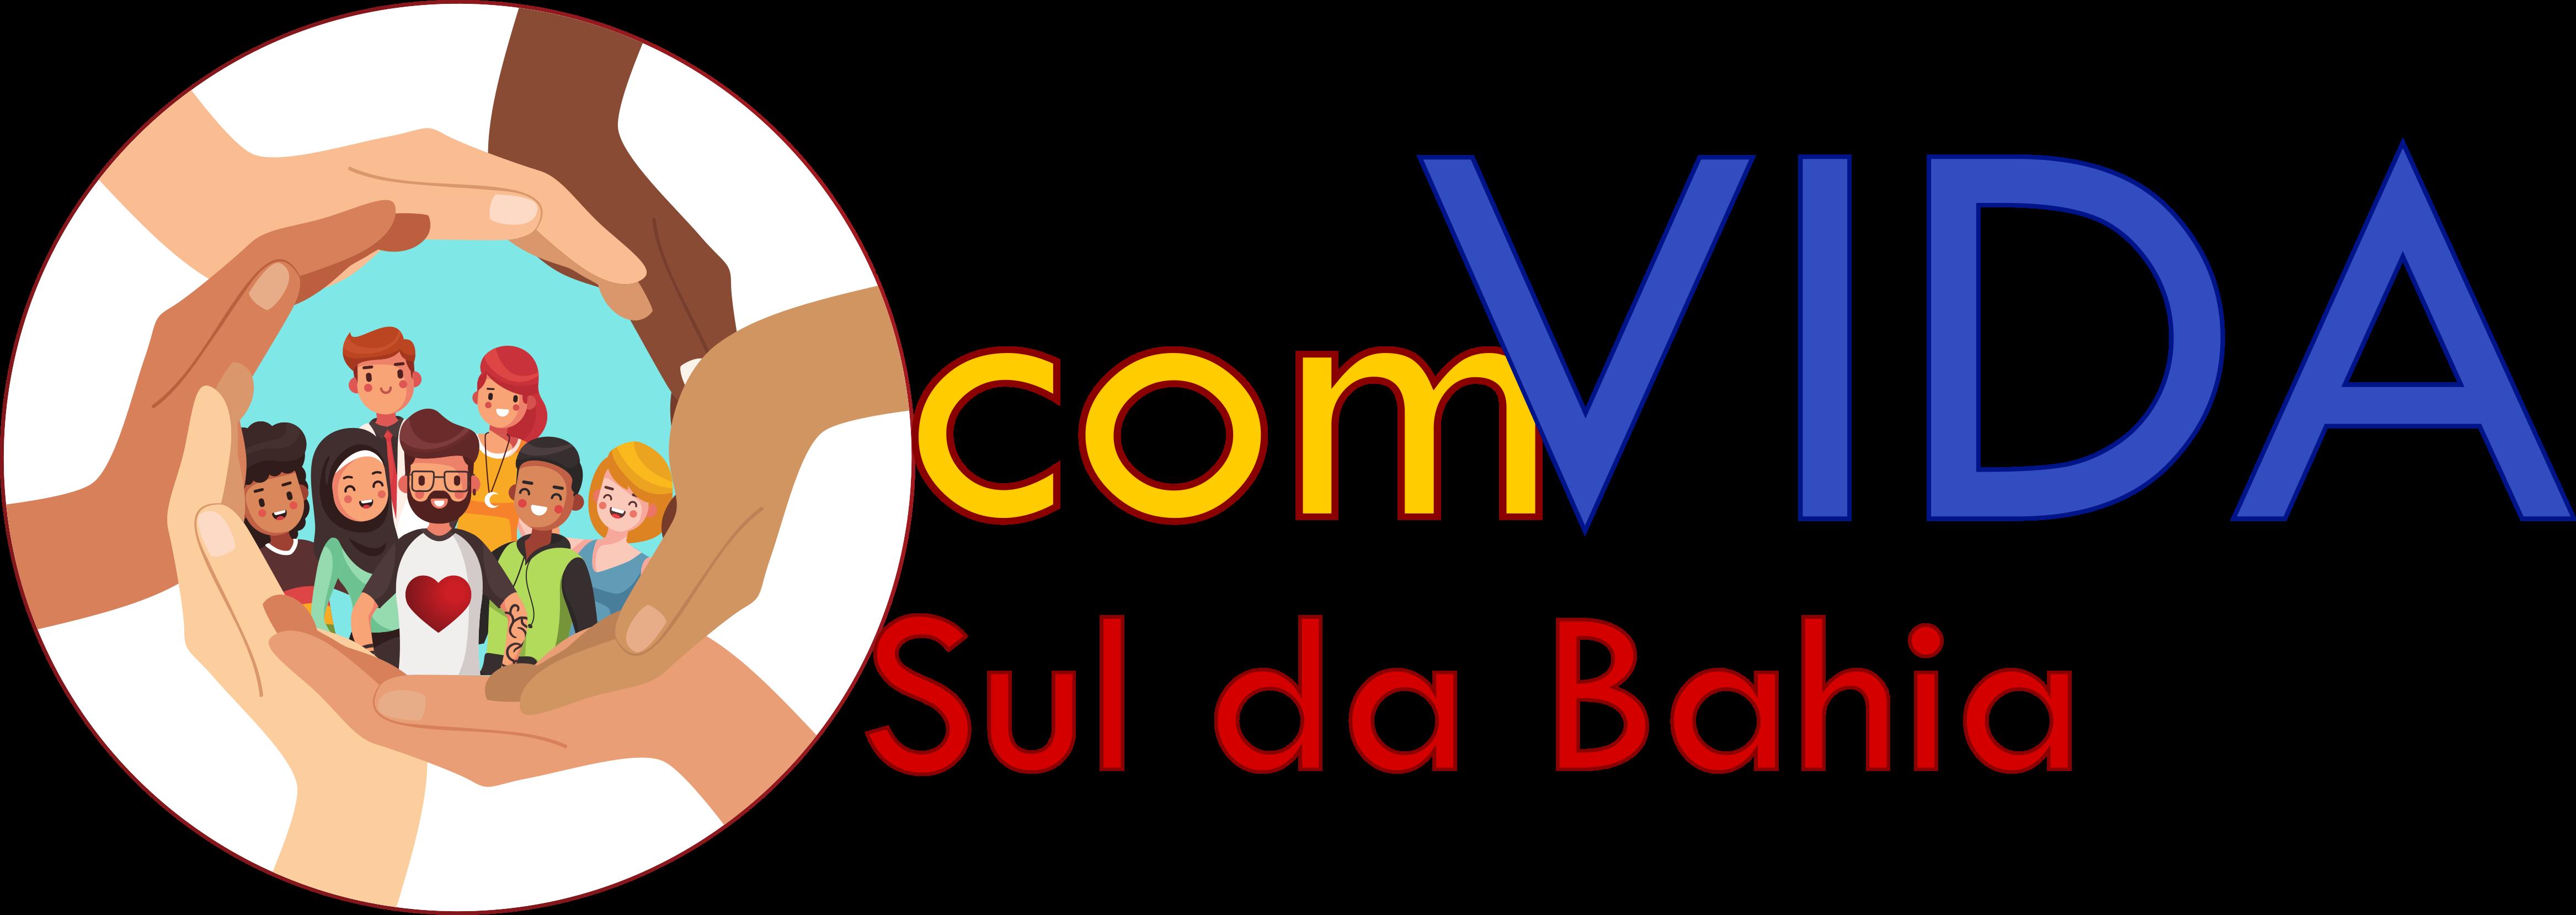 Rede comVIDA - Sul da Bahia